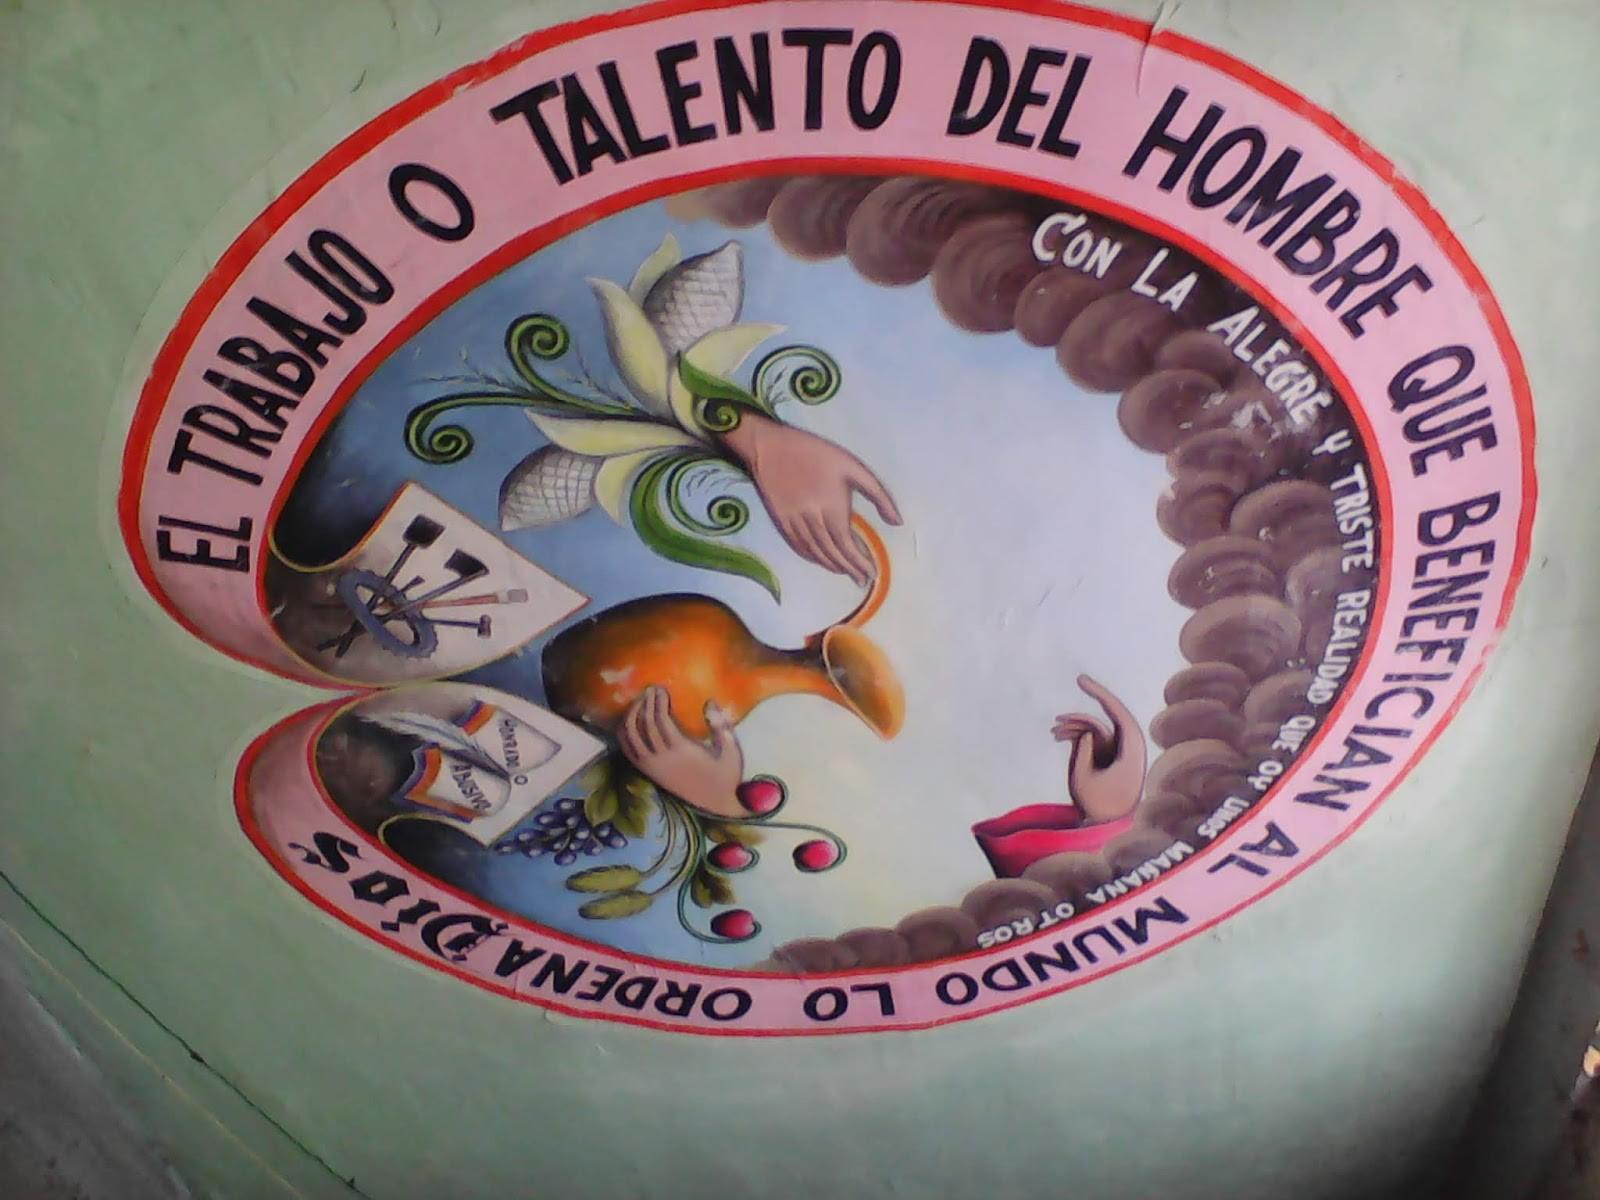 Metepec Museo del Pueblo